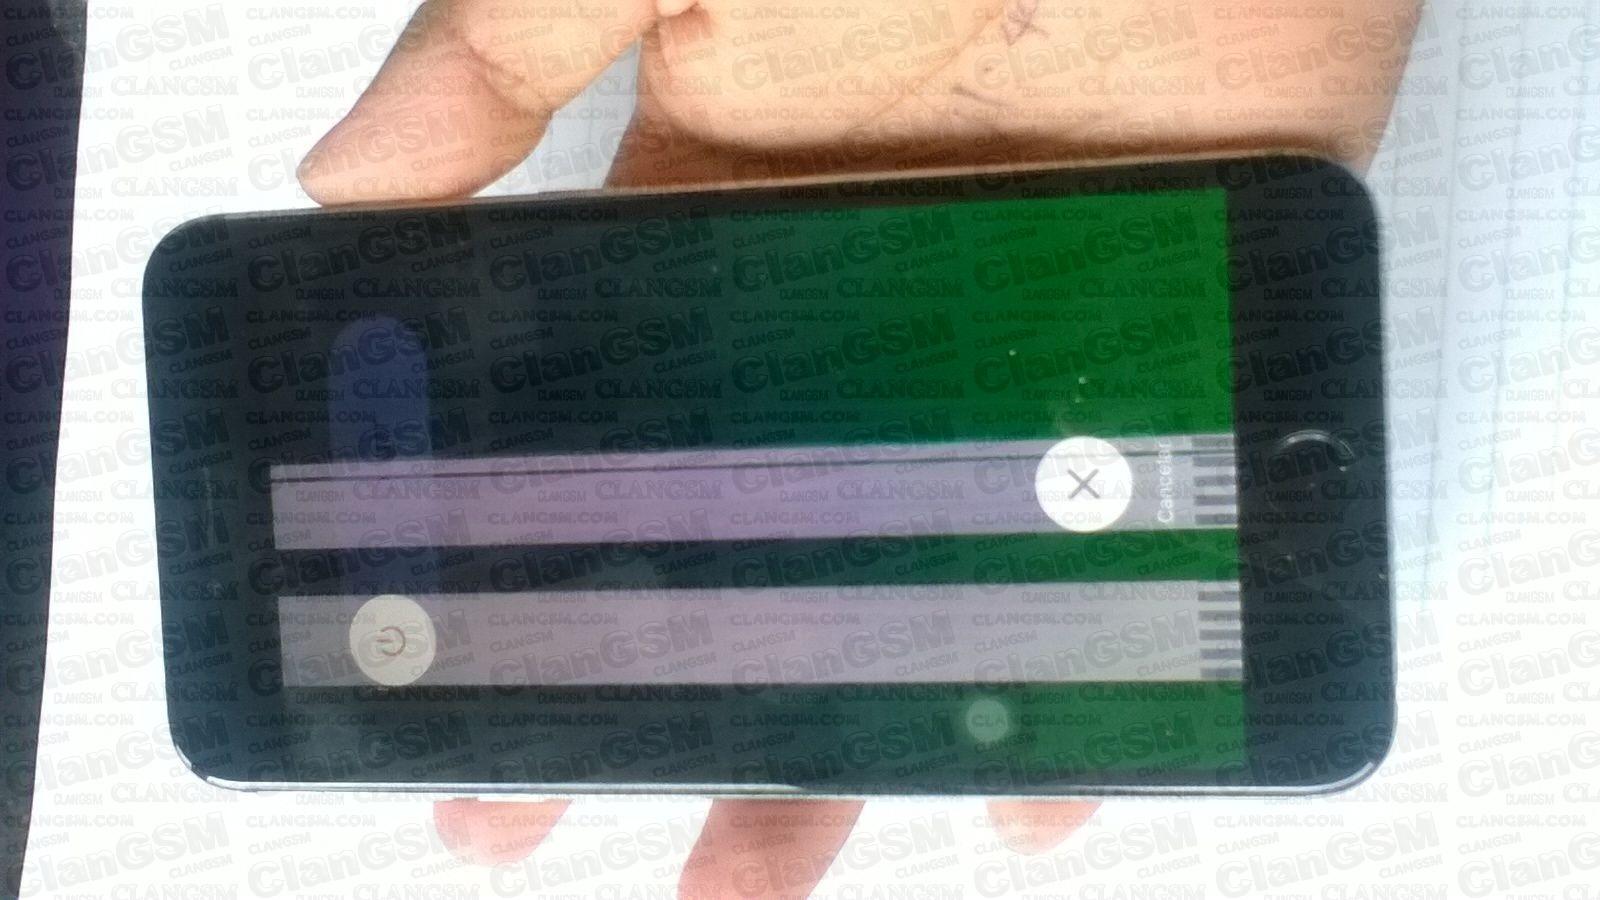 ae4790d1685 Iphone 6 Plus Falla No Funciona El Touch Y Rayas Verticales En ...